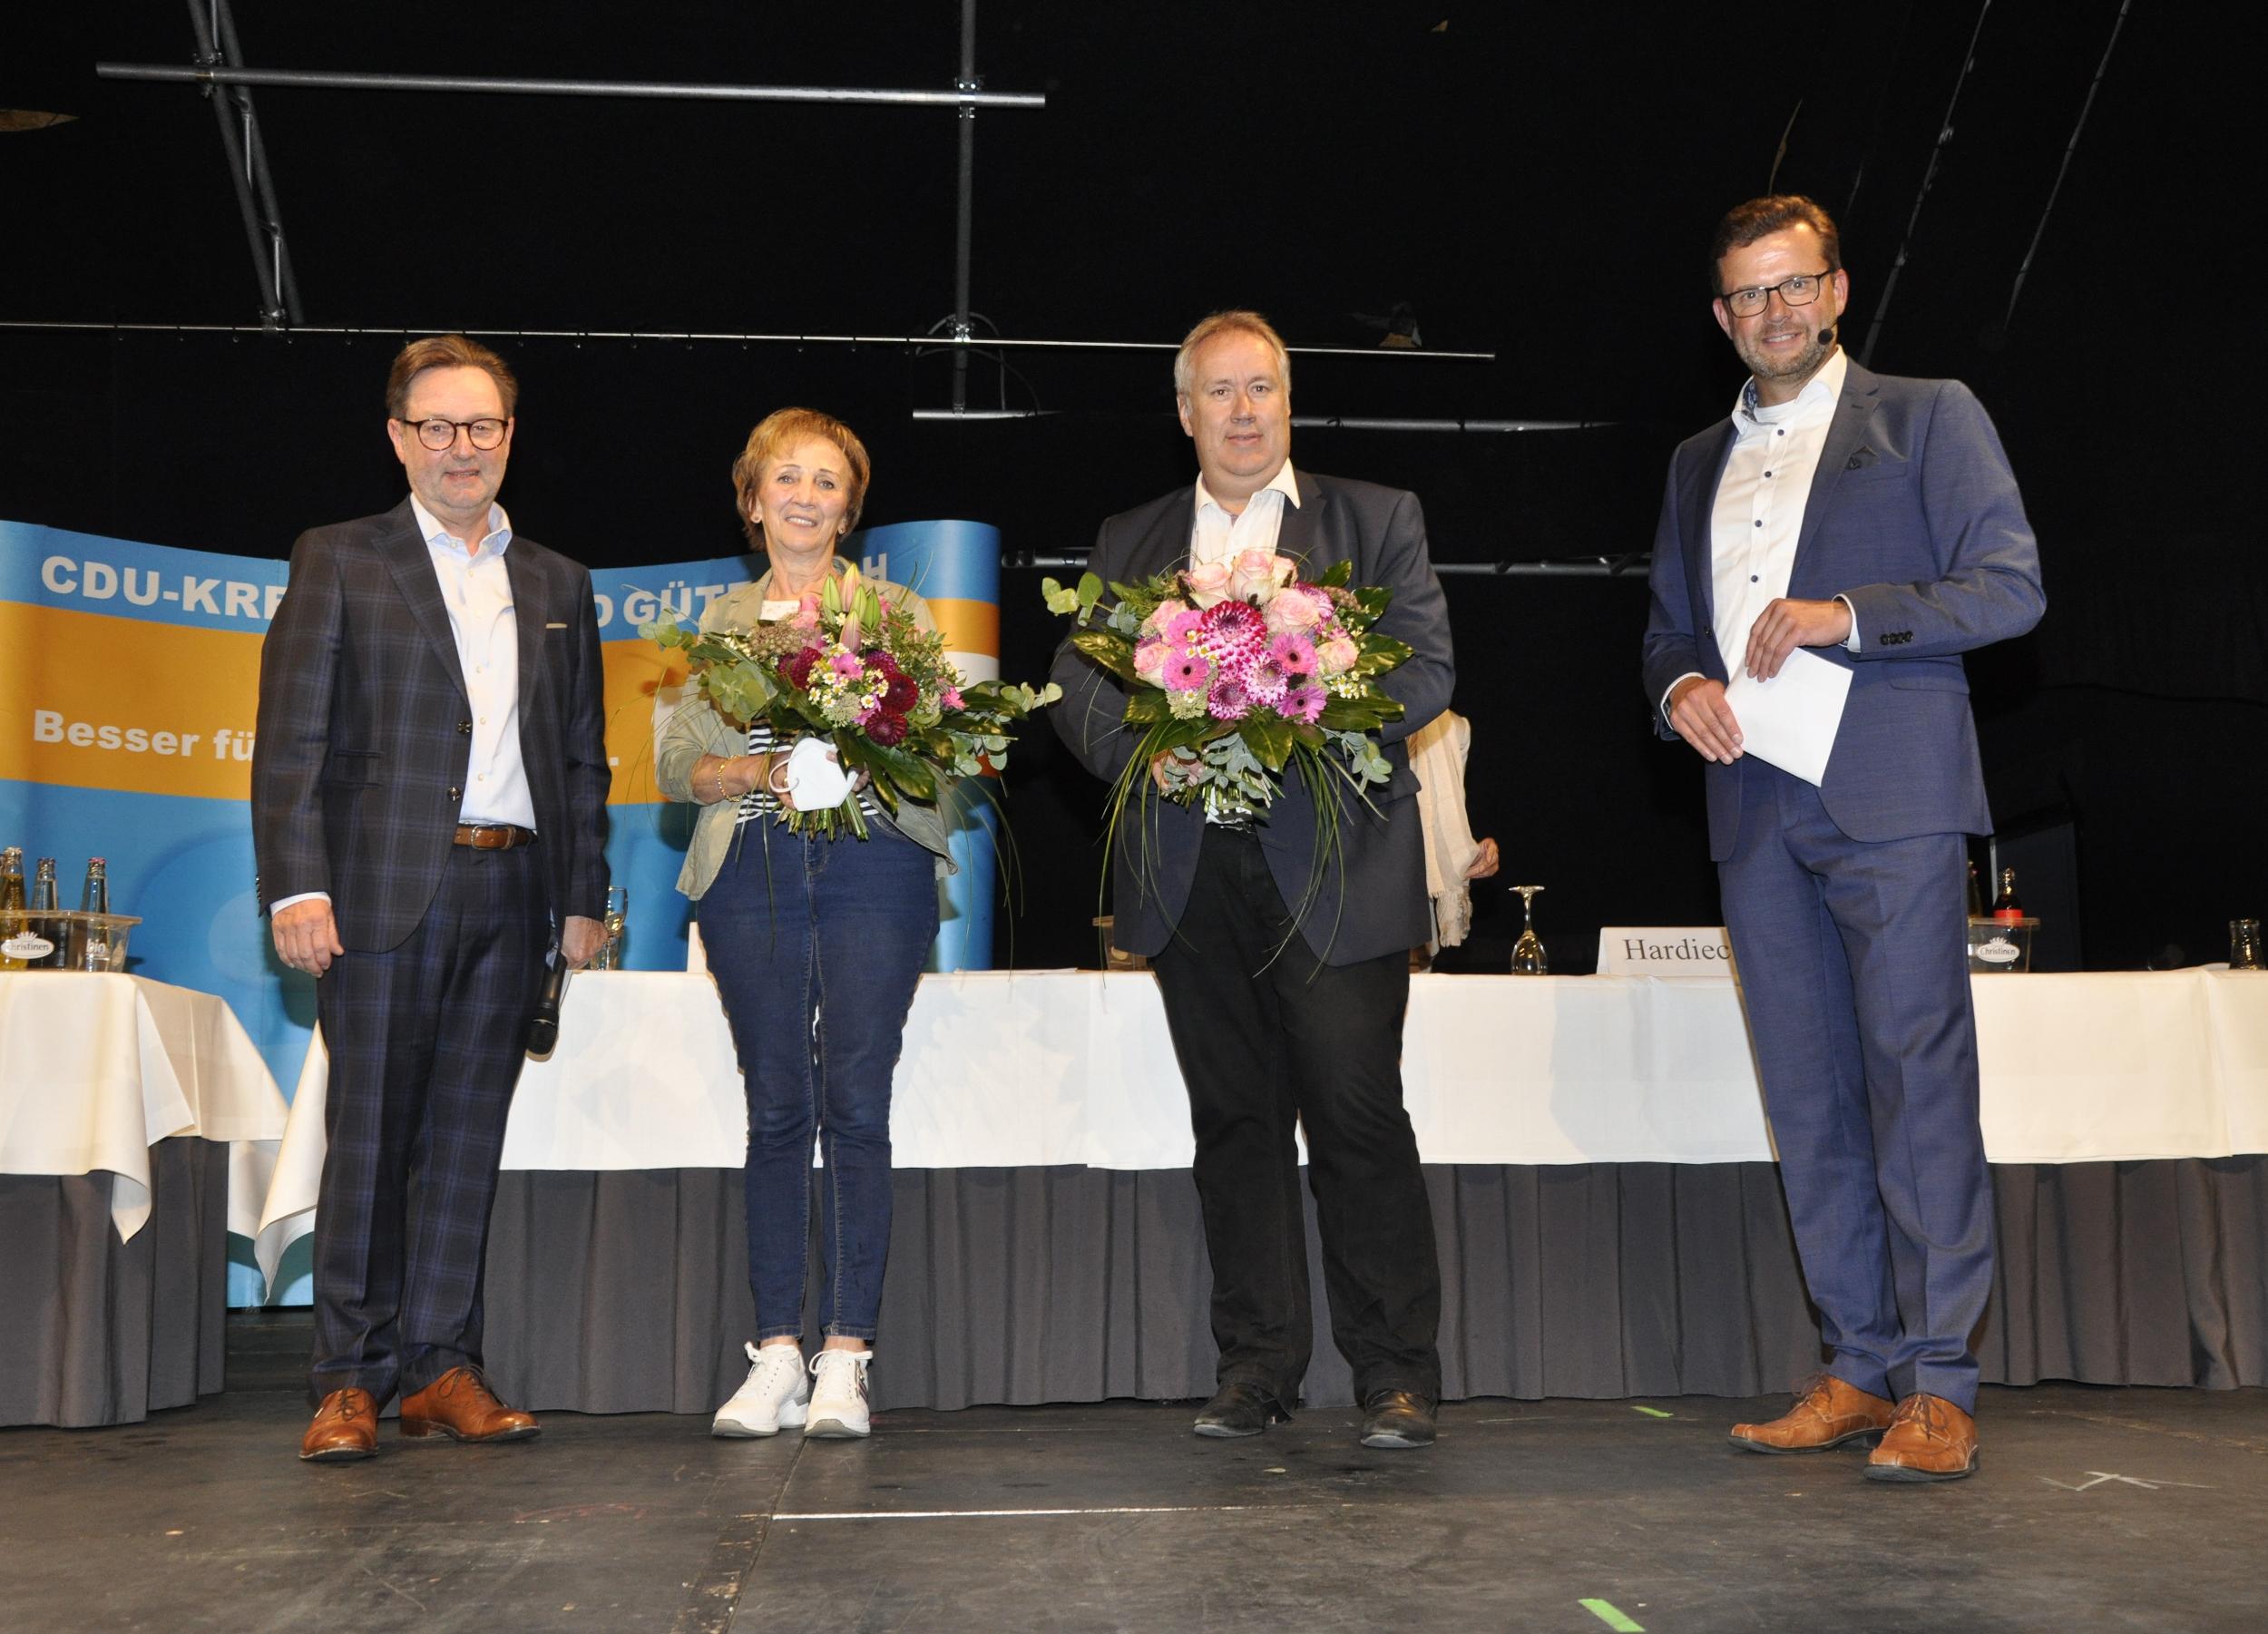 Zum Dank für die erfolgreiche Mitgliederwerbung gab es Blumen: Über 138 neue CDU-Mitglieder freuten sich (v.l.) Ulrich Wesolowski, Marianne Kampwerth, Axel Reimers und Raphael Tigges.